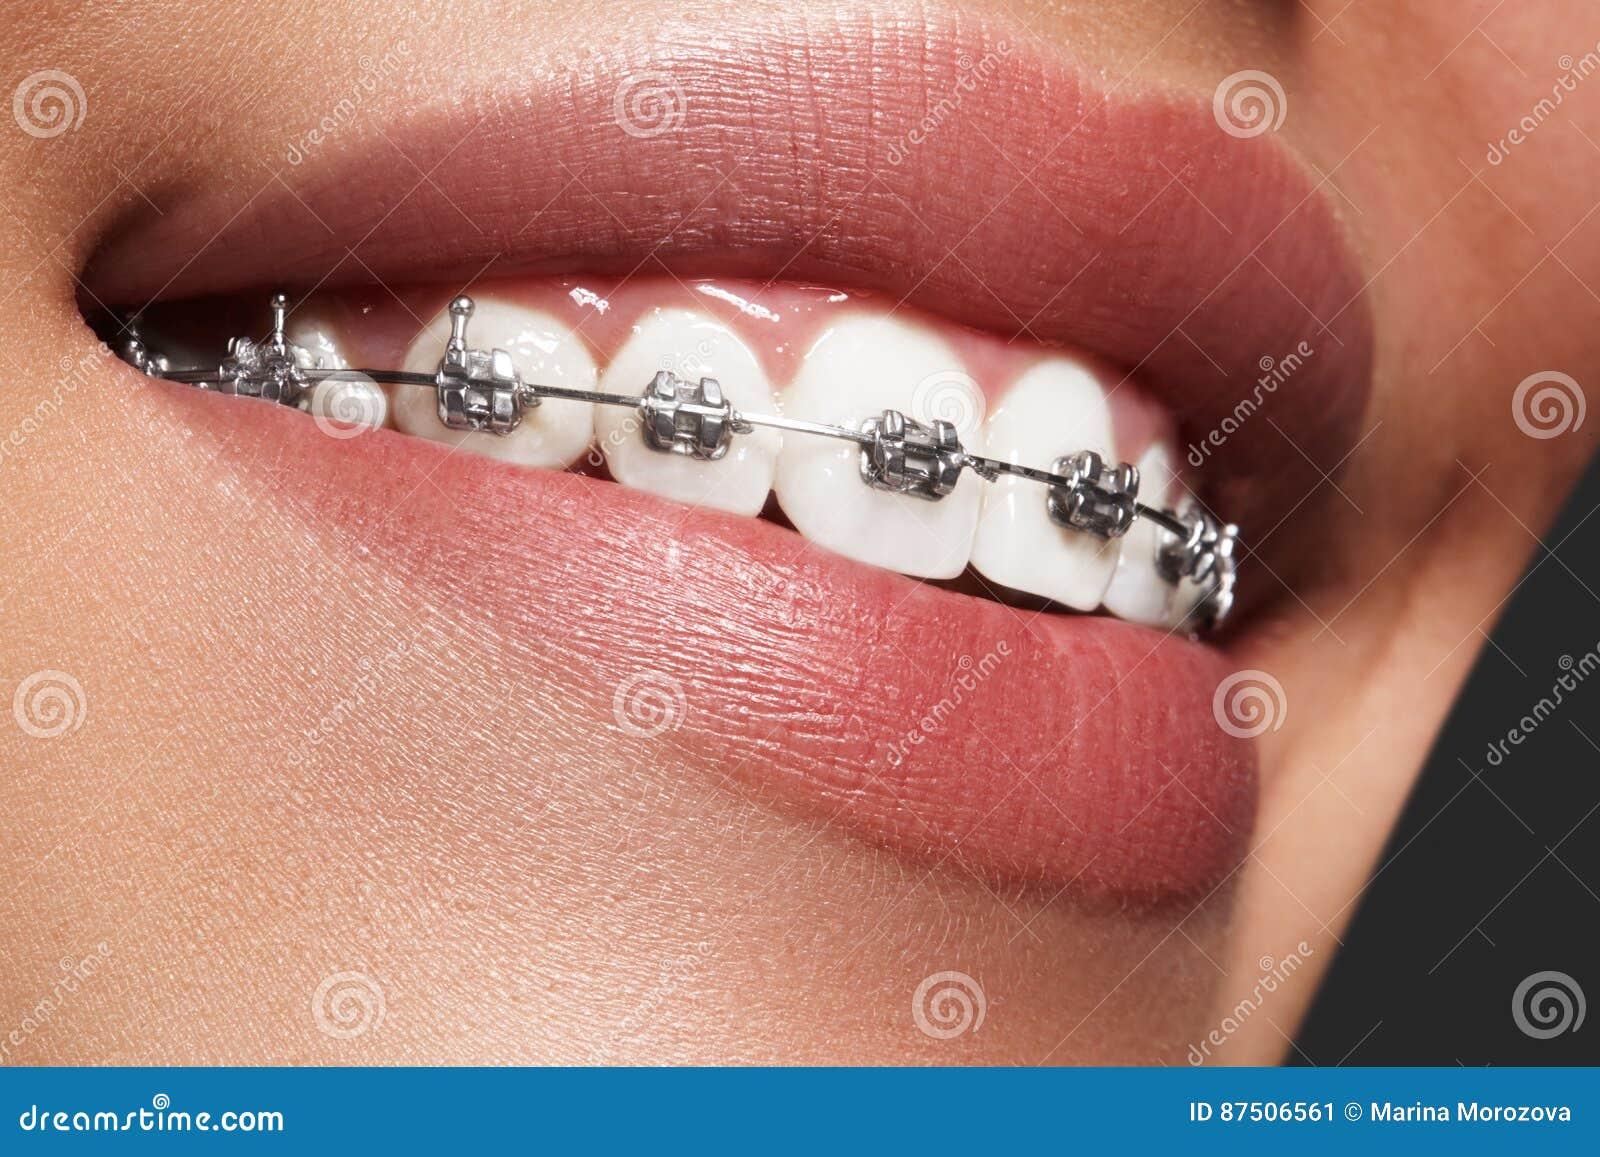 有括号的美丽的白色牙 牙齿保护照片 与ortodontic辅助部件的妇女微笑 畸齿矫正术治疗